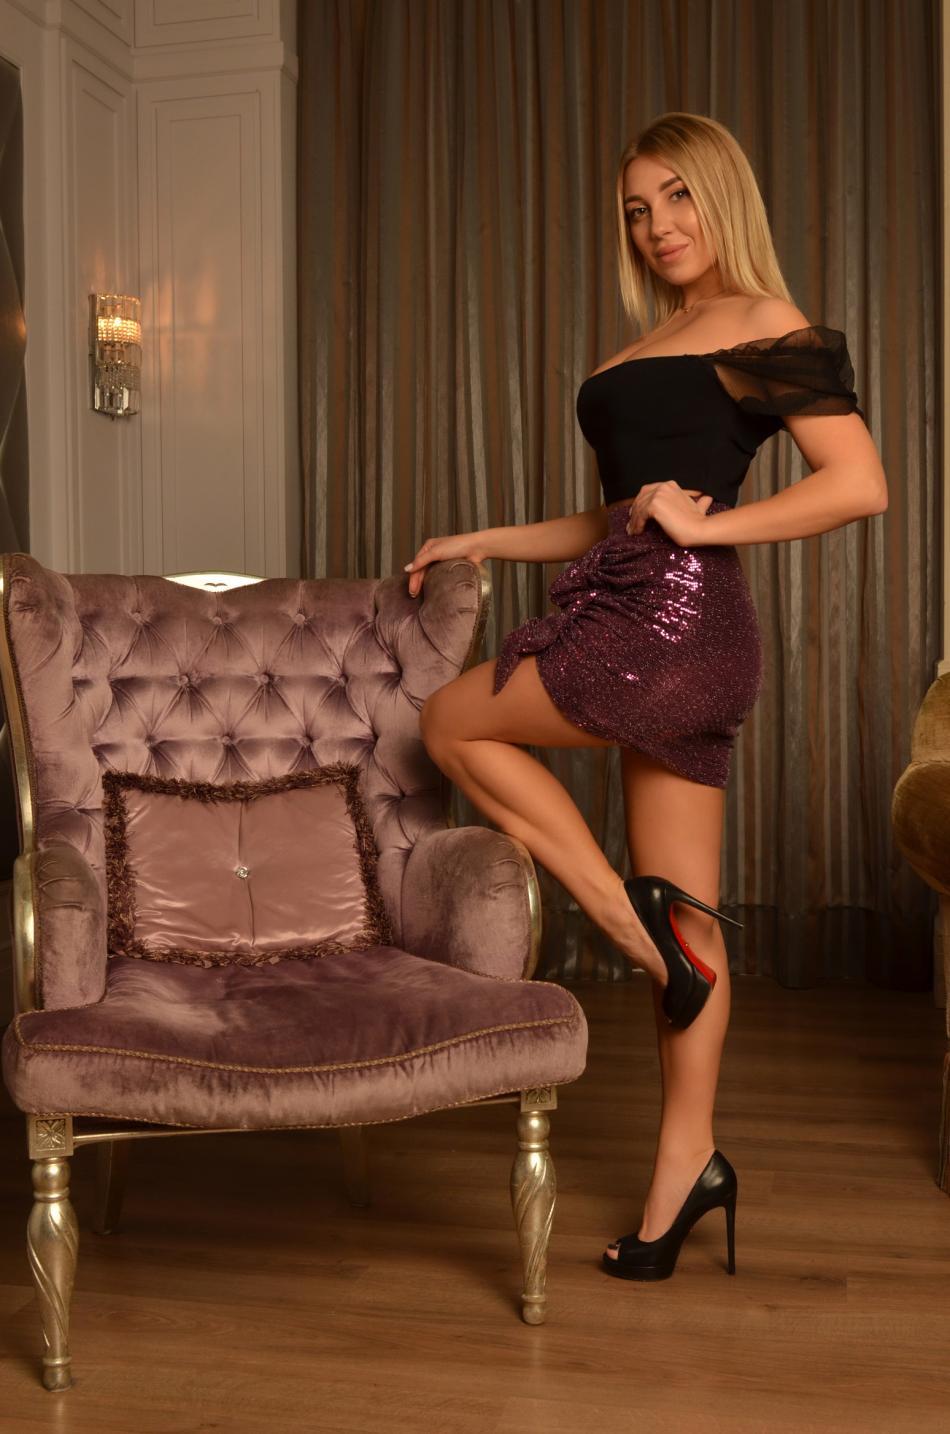 Ladyfordaddy.com Aleema Escort Girl In New York 11085026 - 5 5